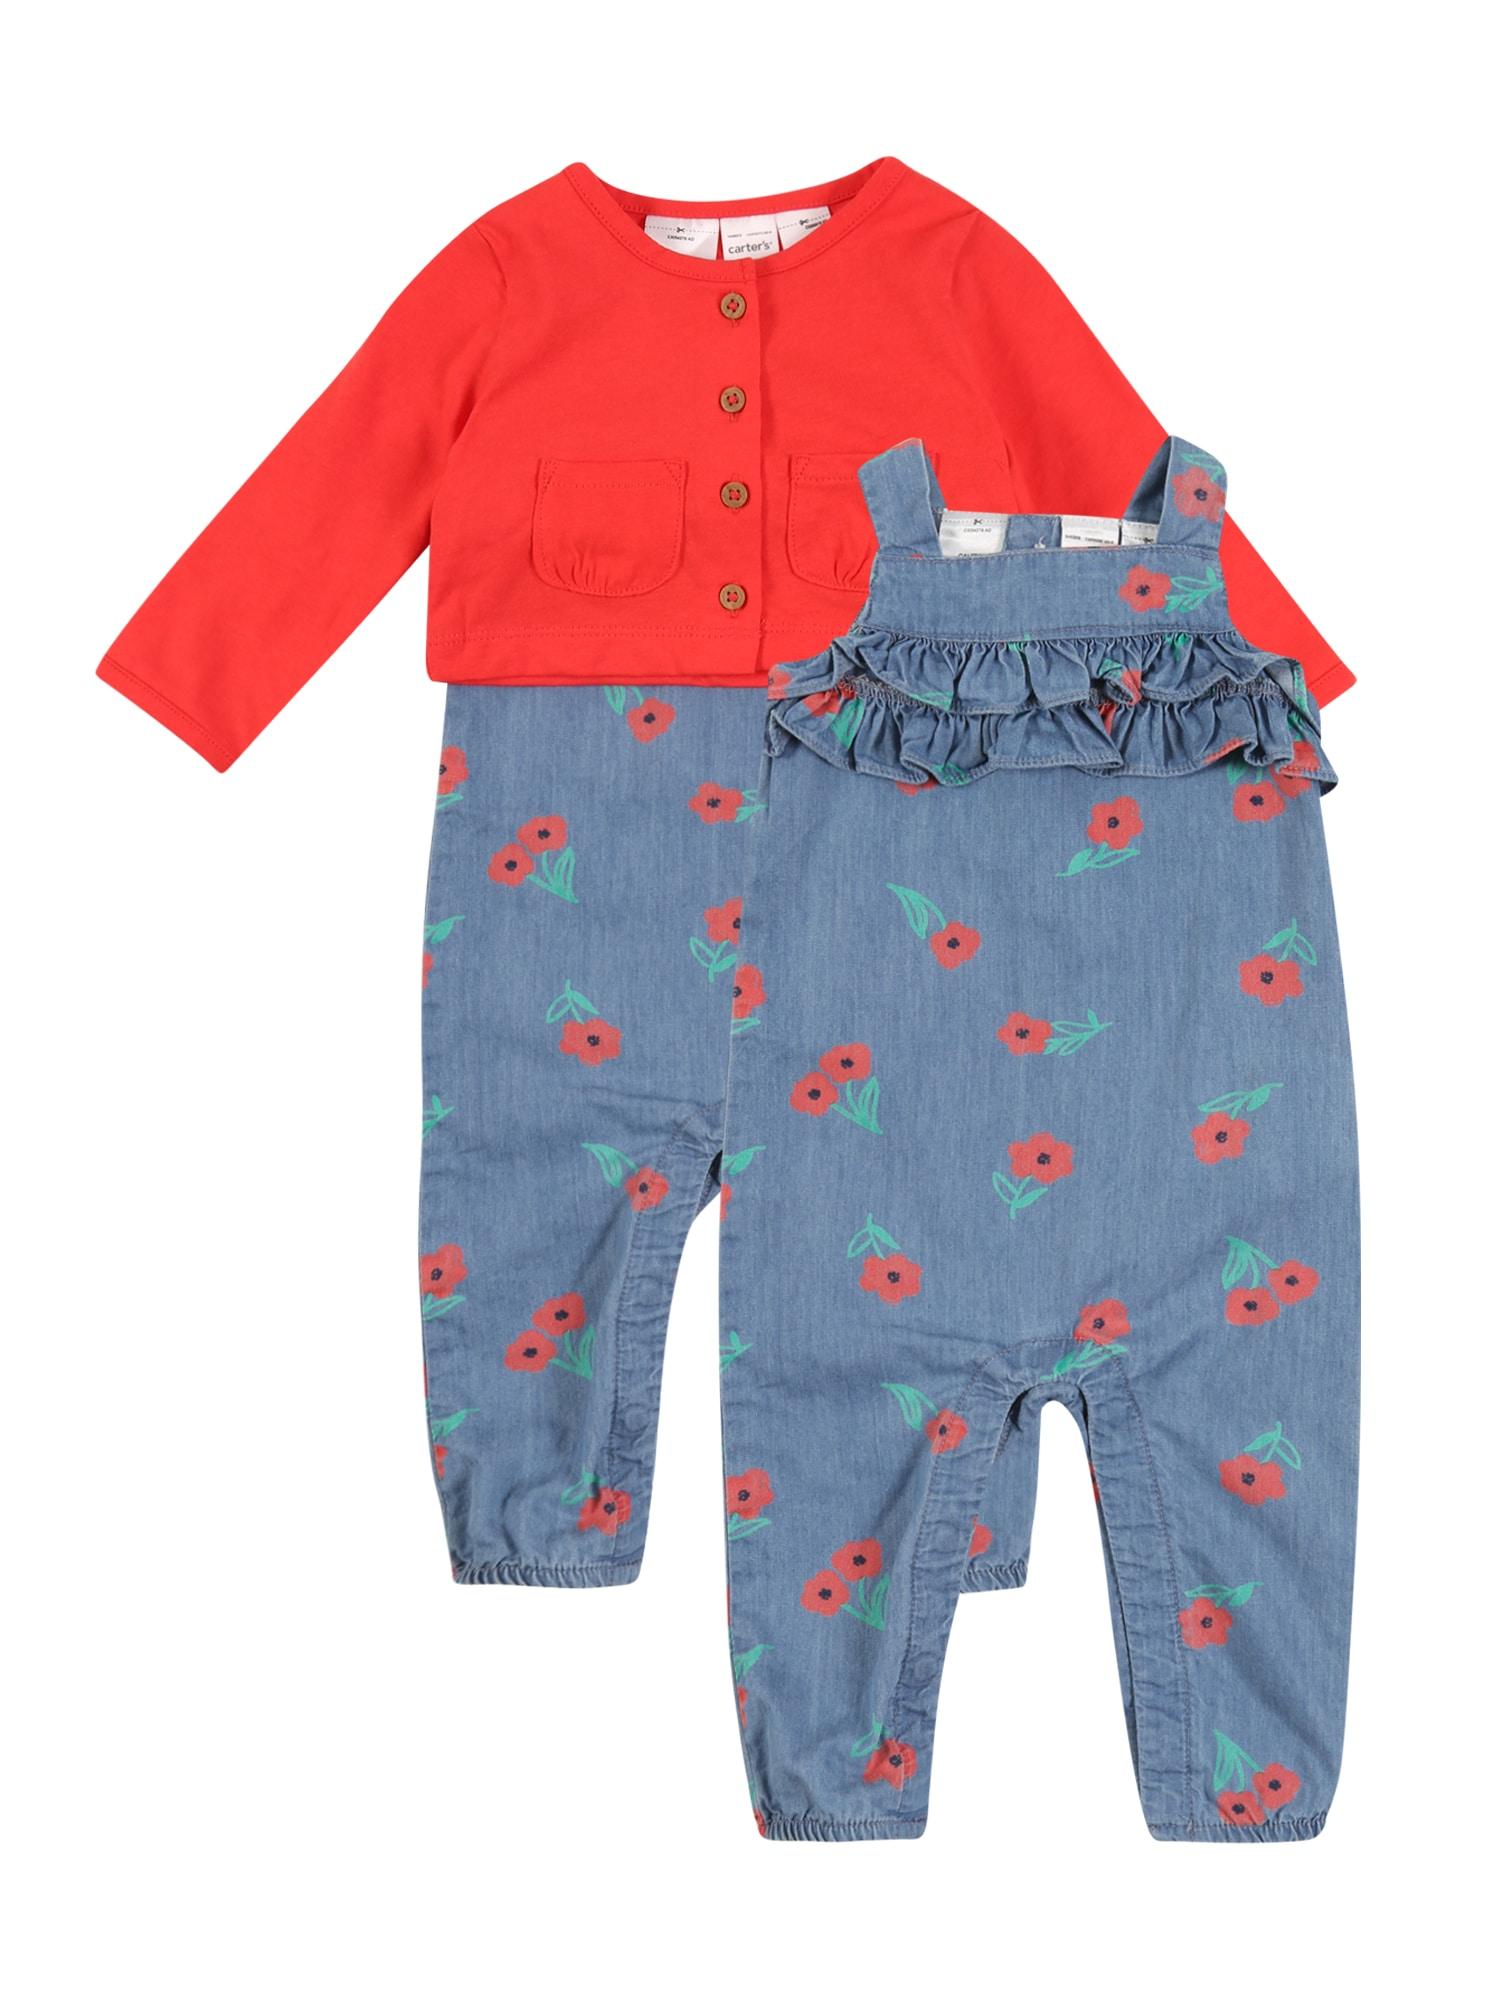 Carter's Rinkinys 'Collection 1 S20 G C1 Overall' ryškiai raudona / tamsiai (džinso) mėlyna